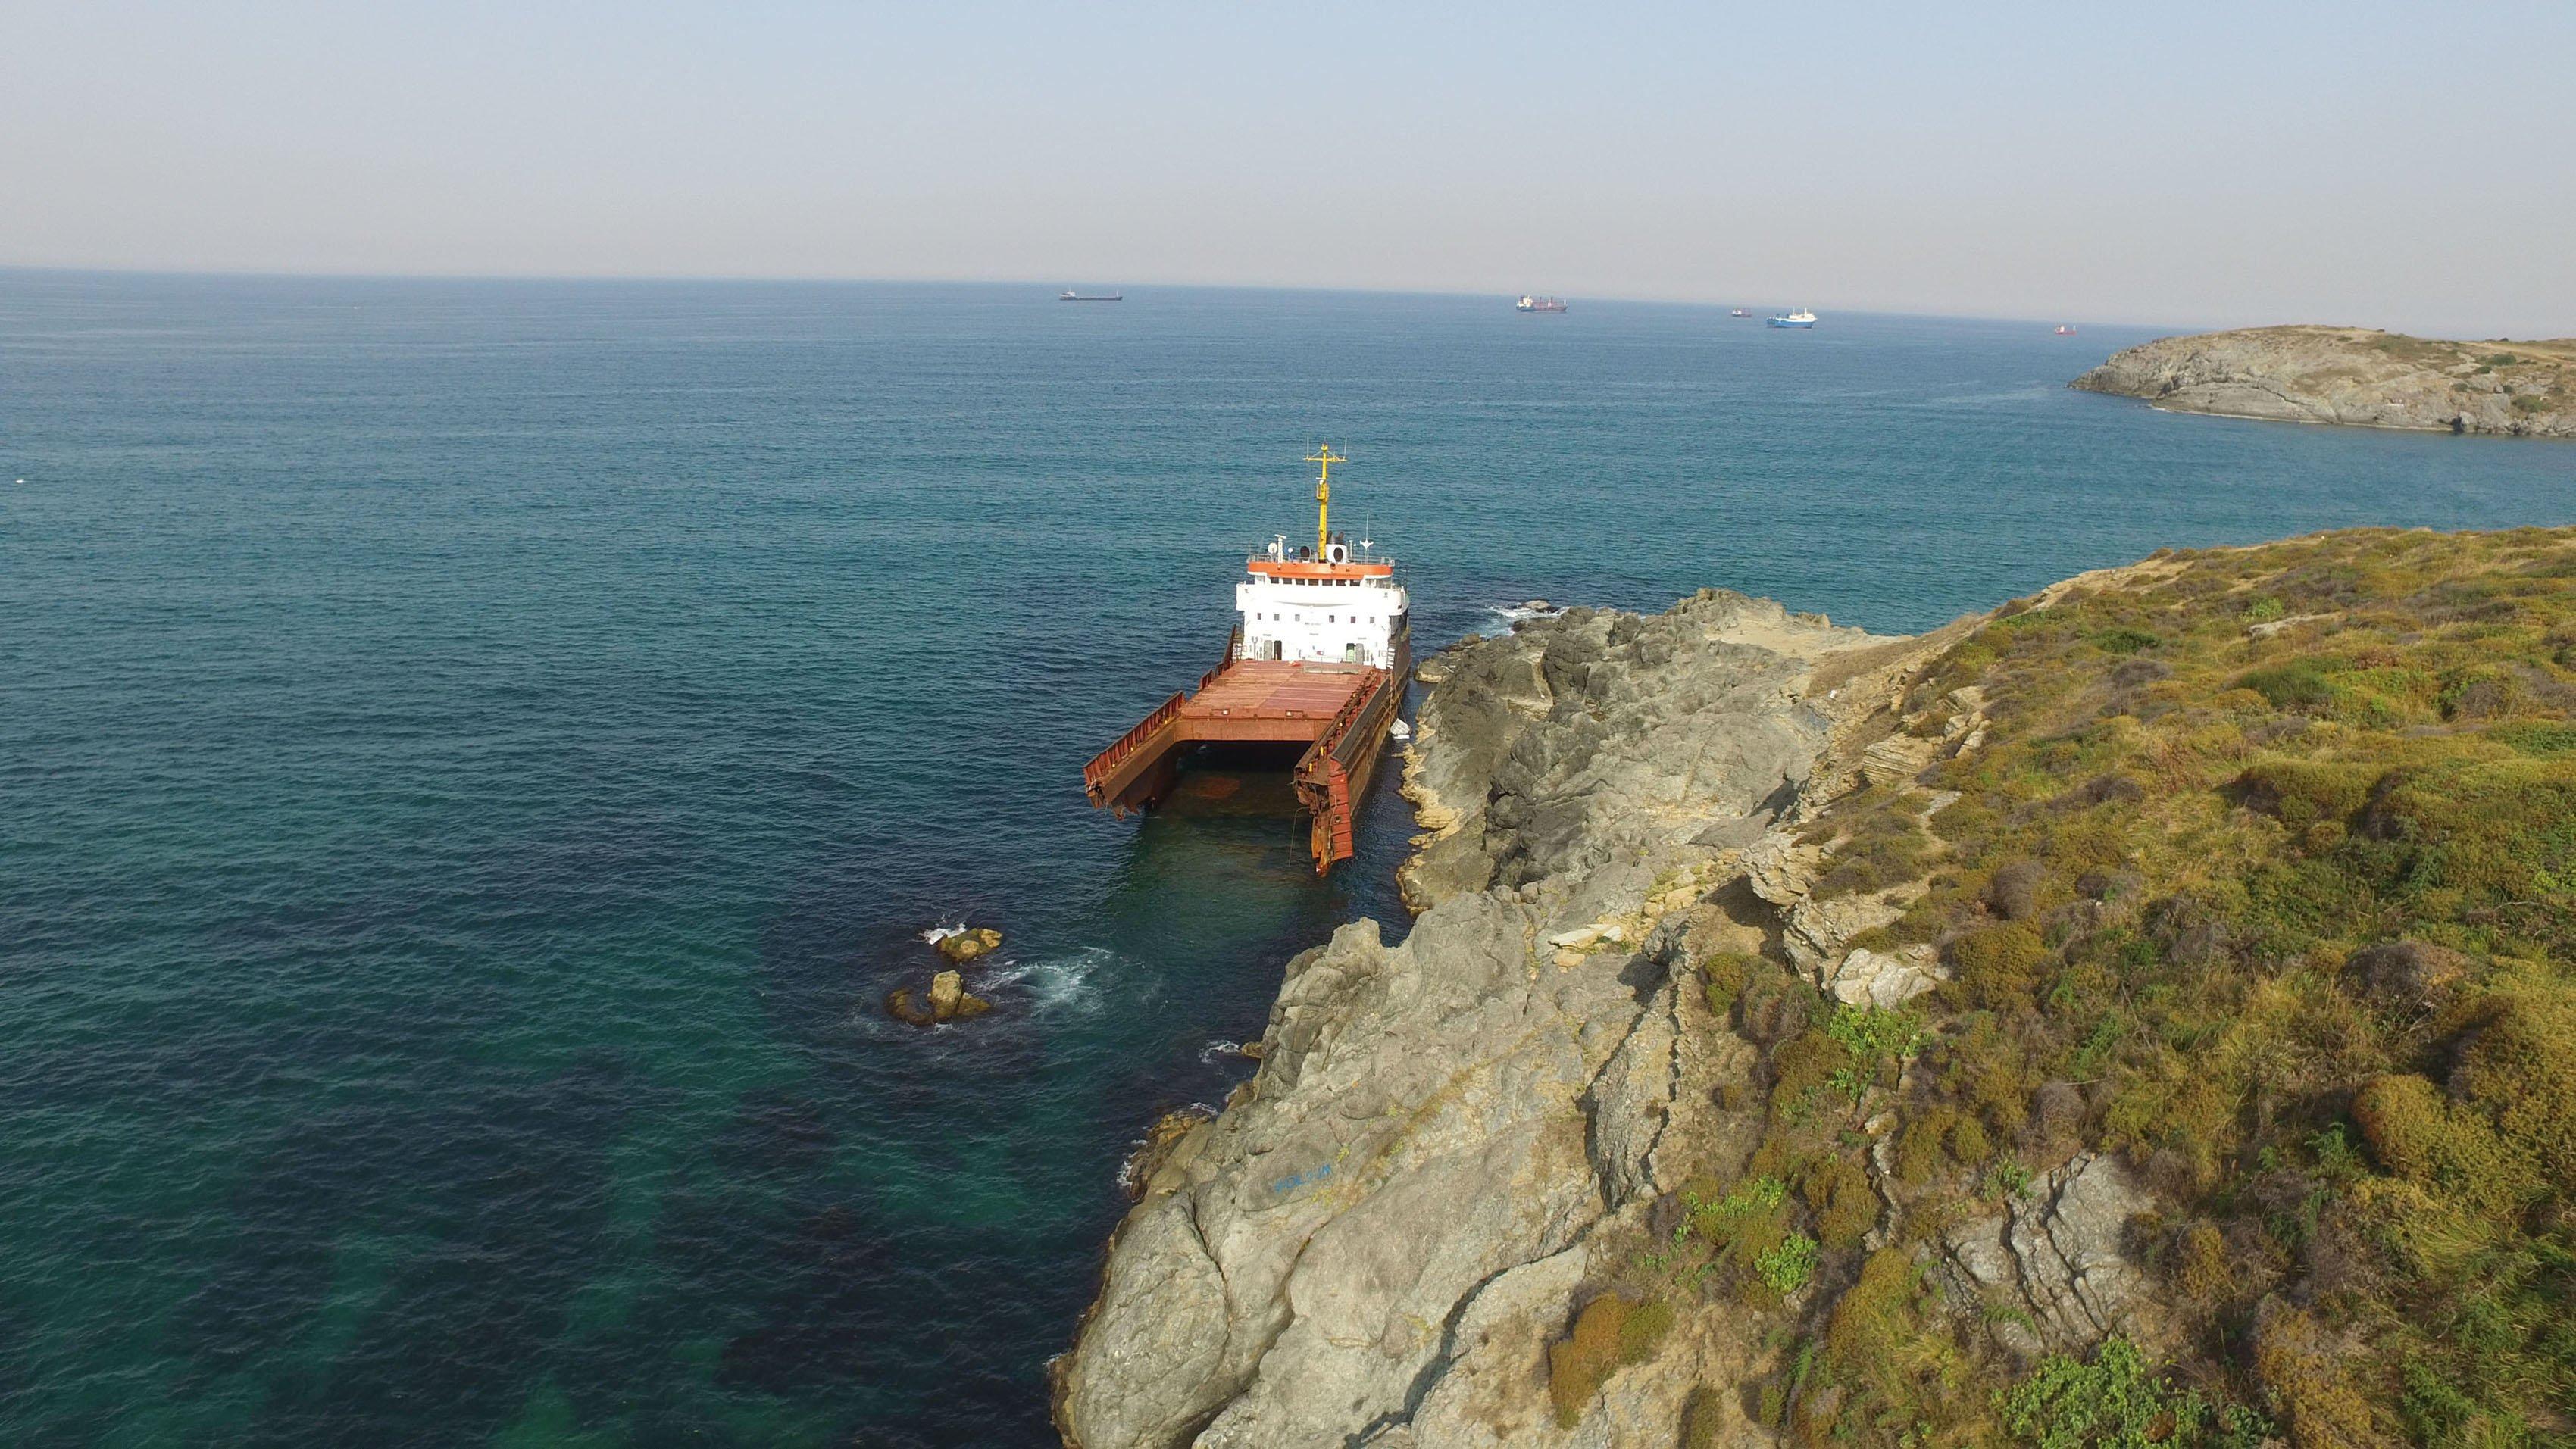 haberler, gundem - MV Leonard kazası 3 - Kilyos Açıklarında Kırılan Gemi Parçalanmaya Başladı